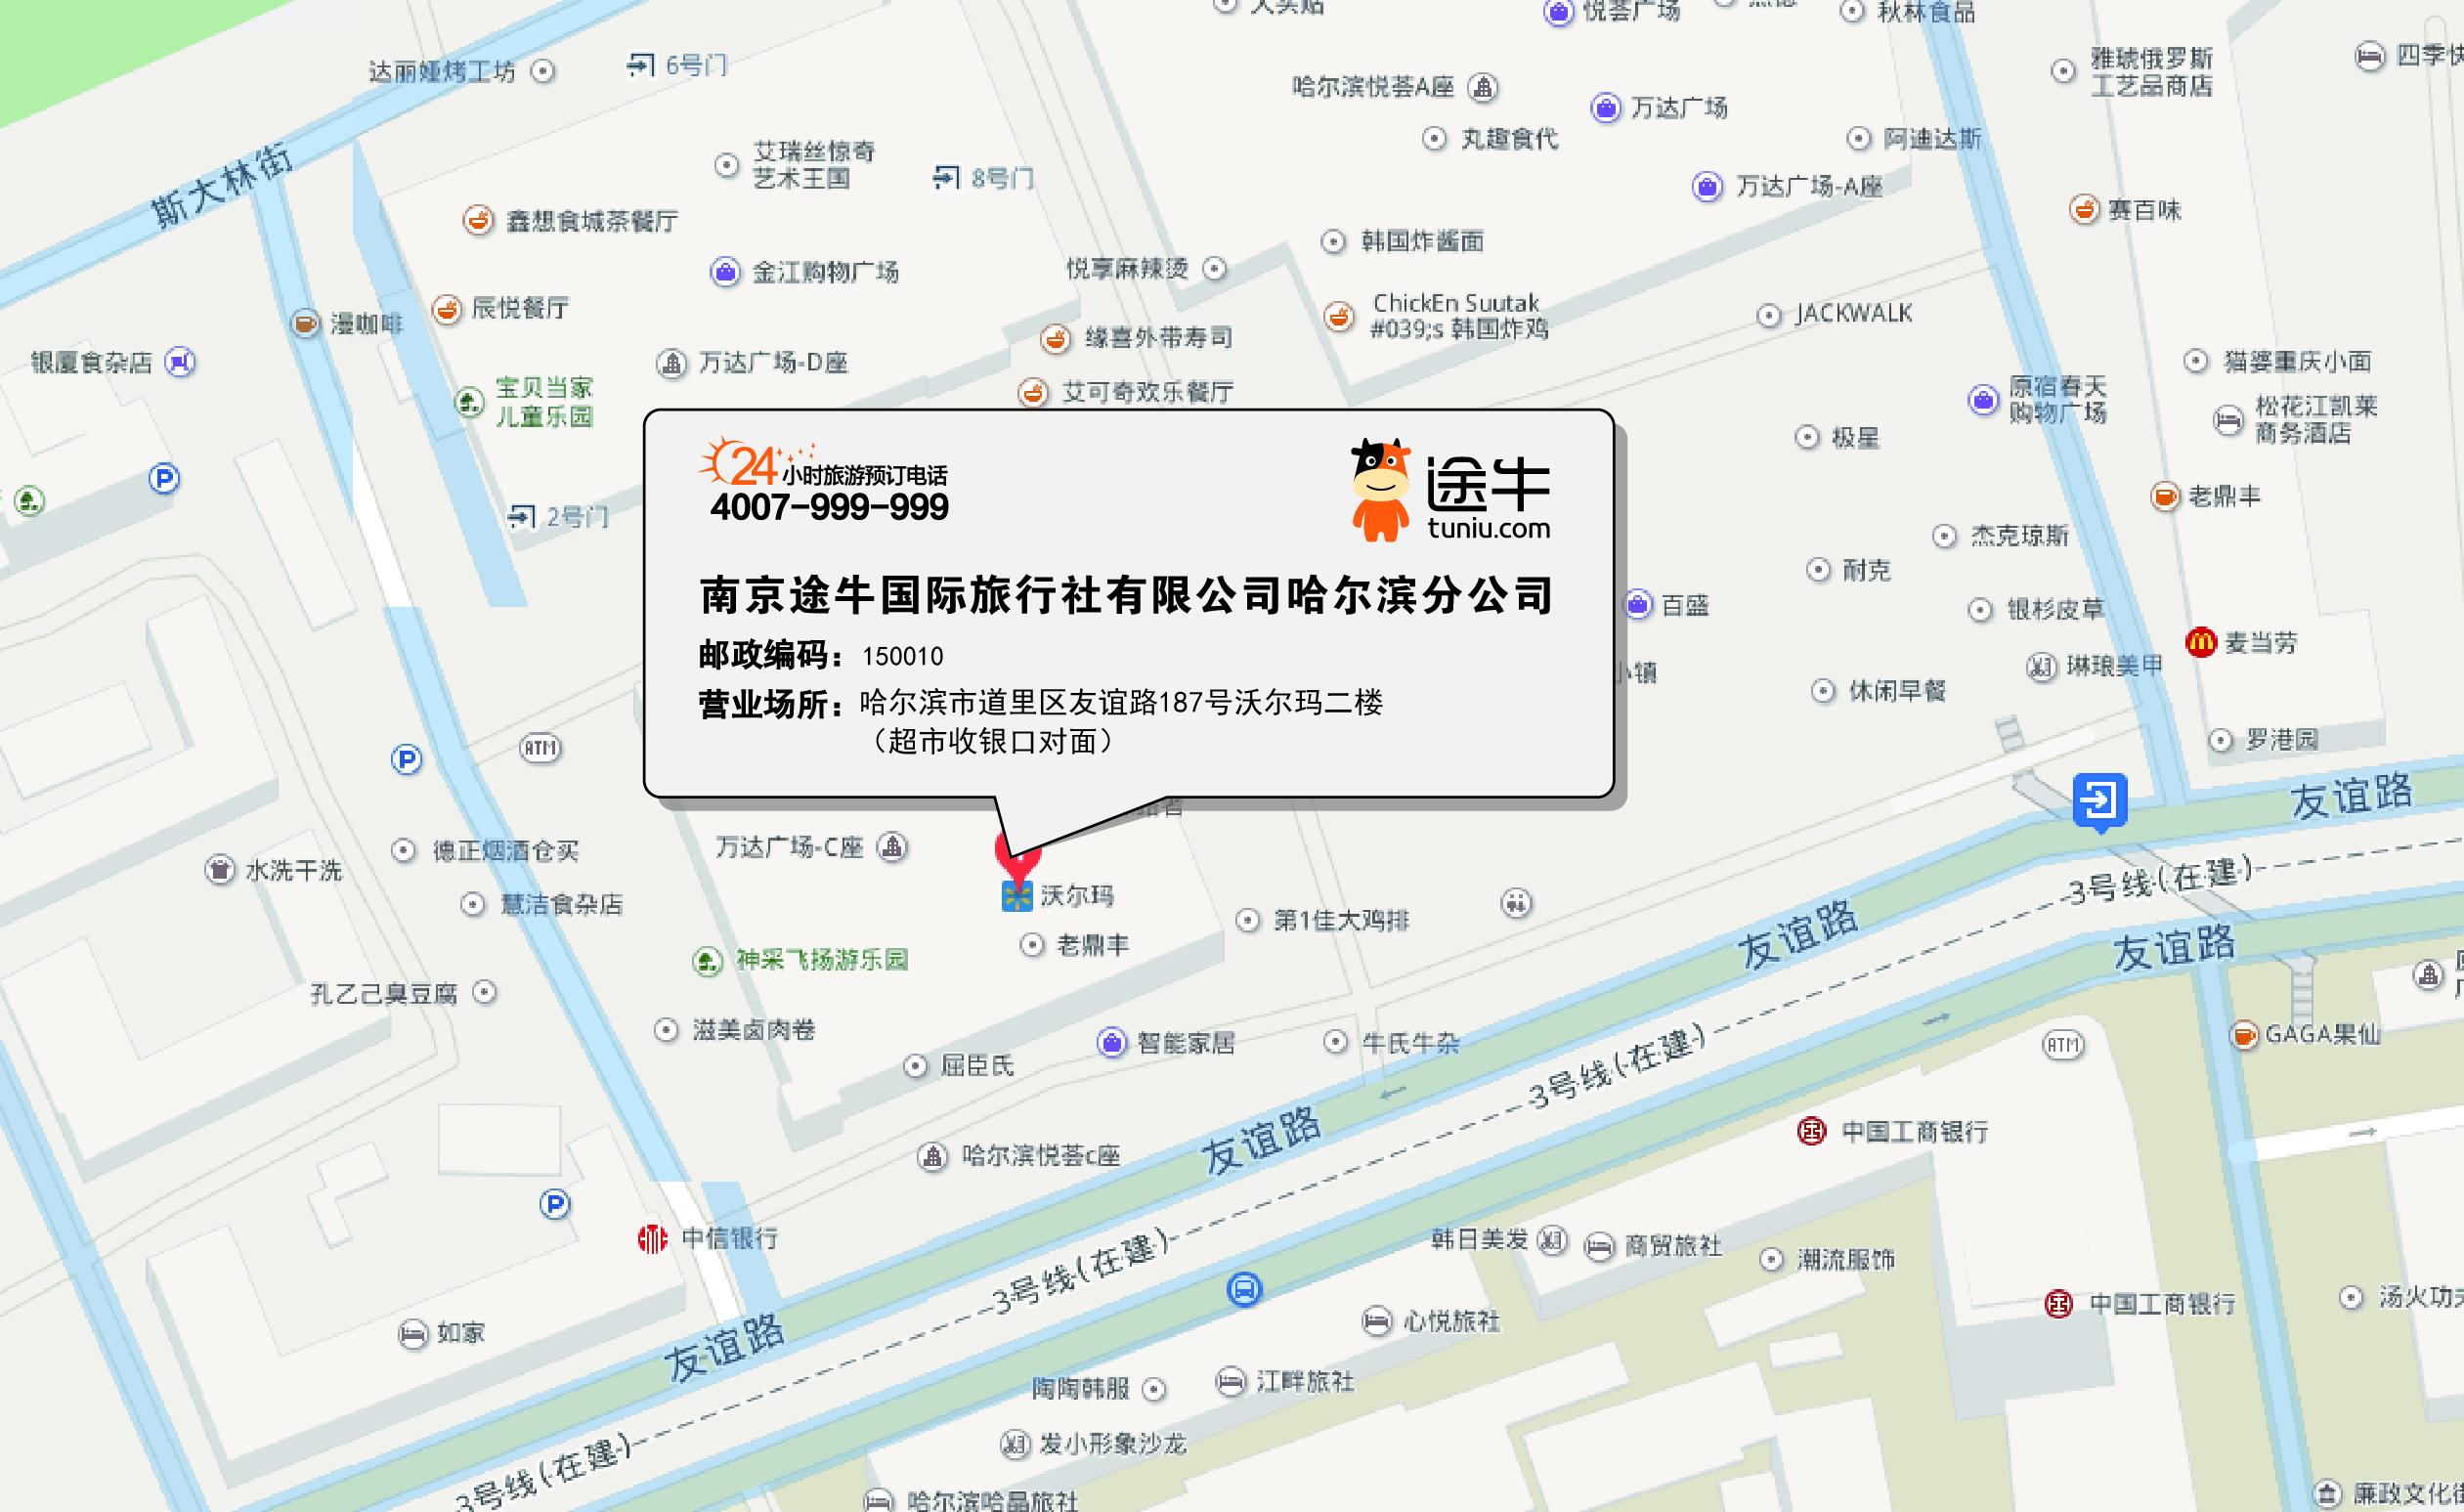 南京途牛国际旅行社有限公司哈尔滨分公司地图